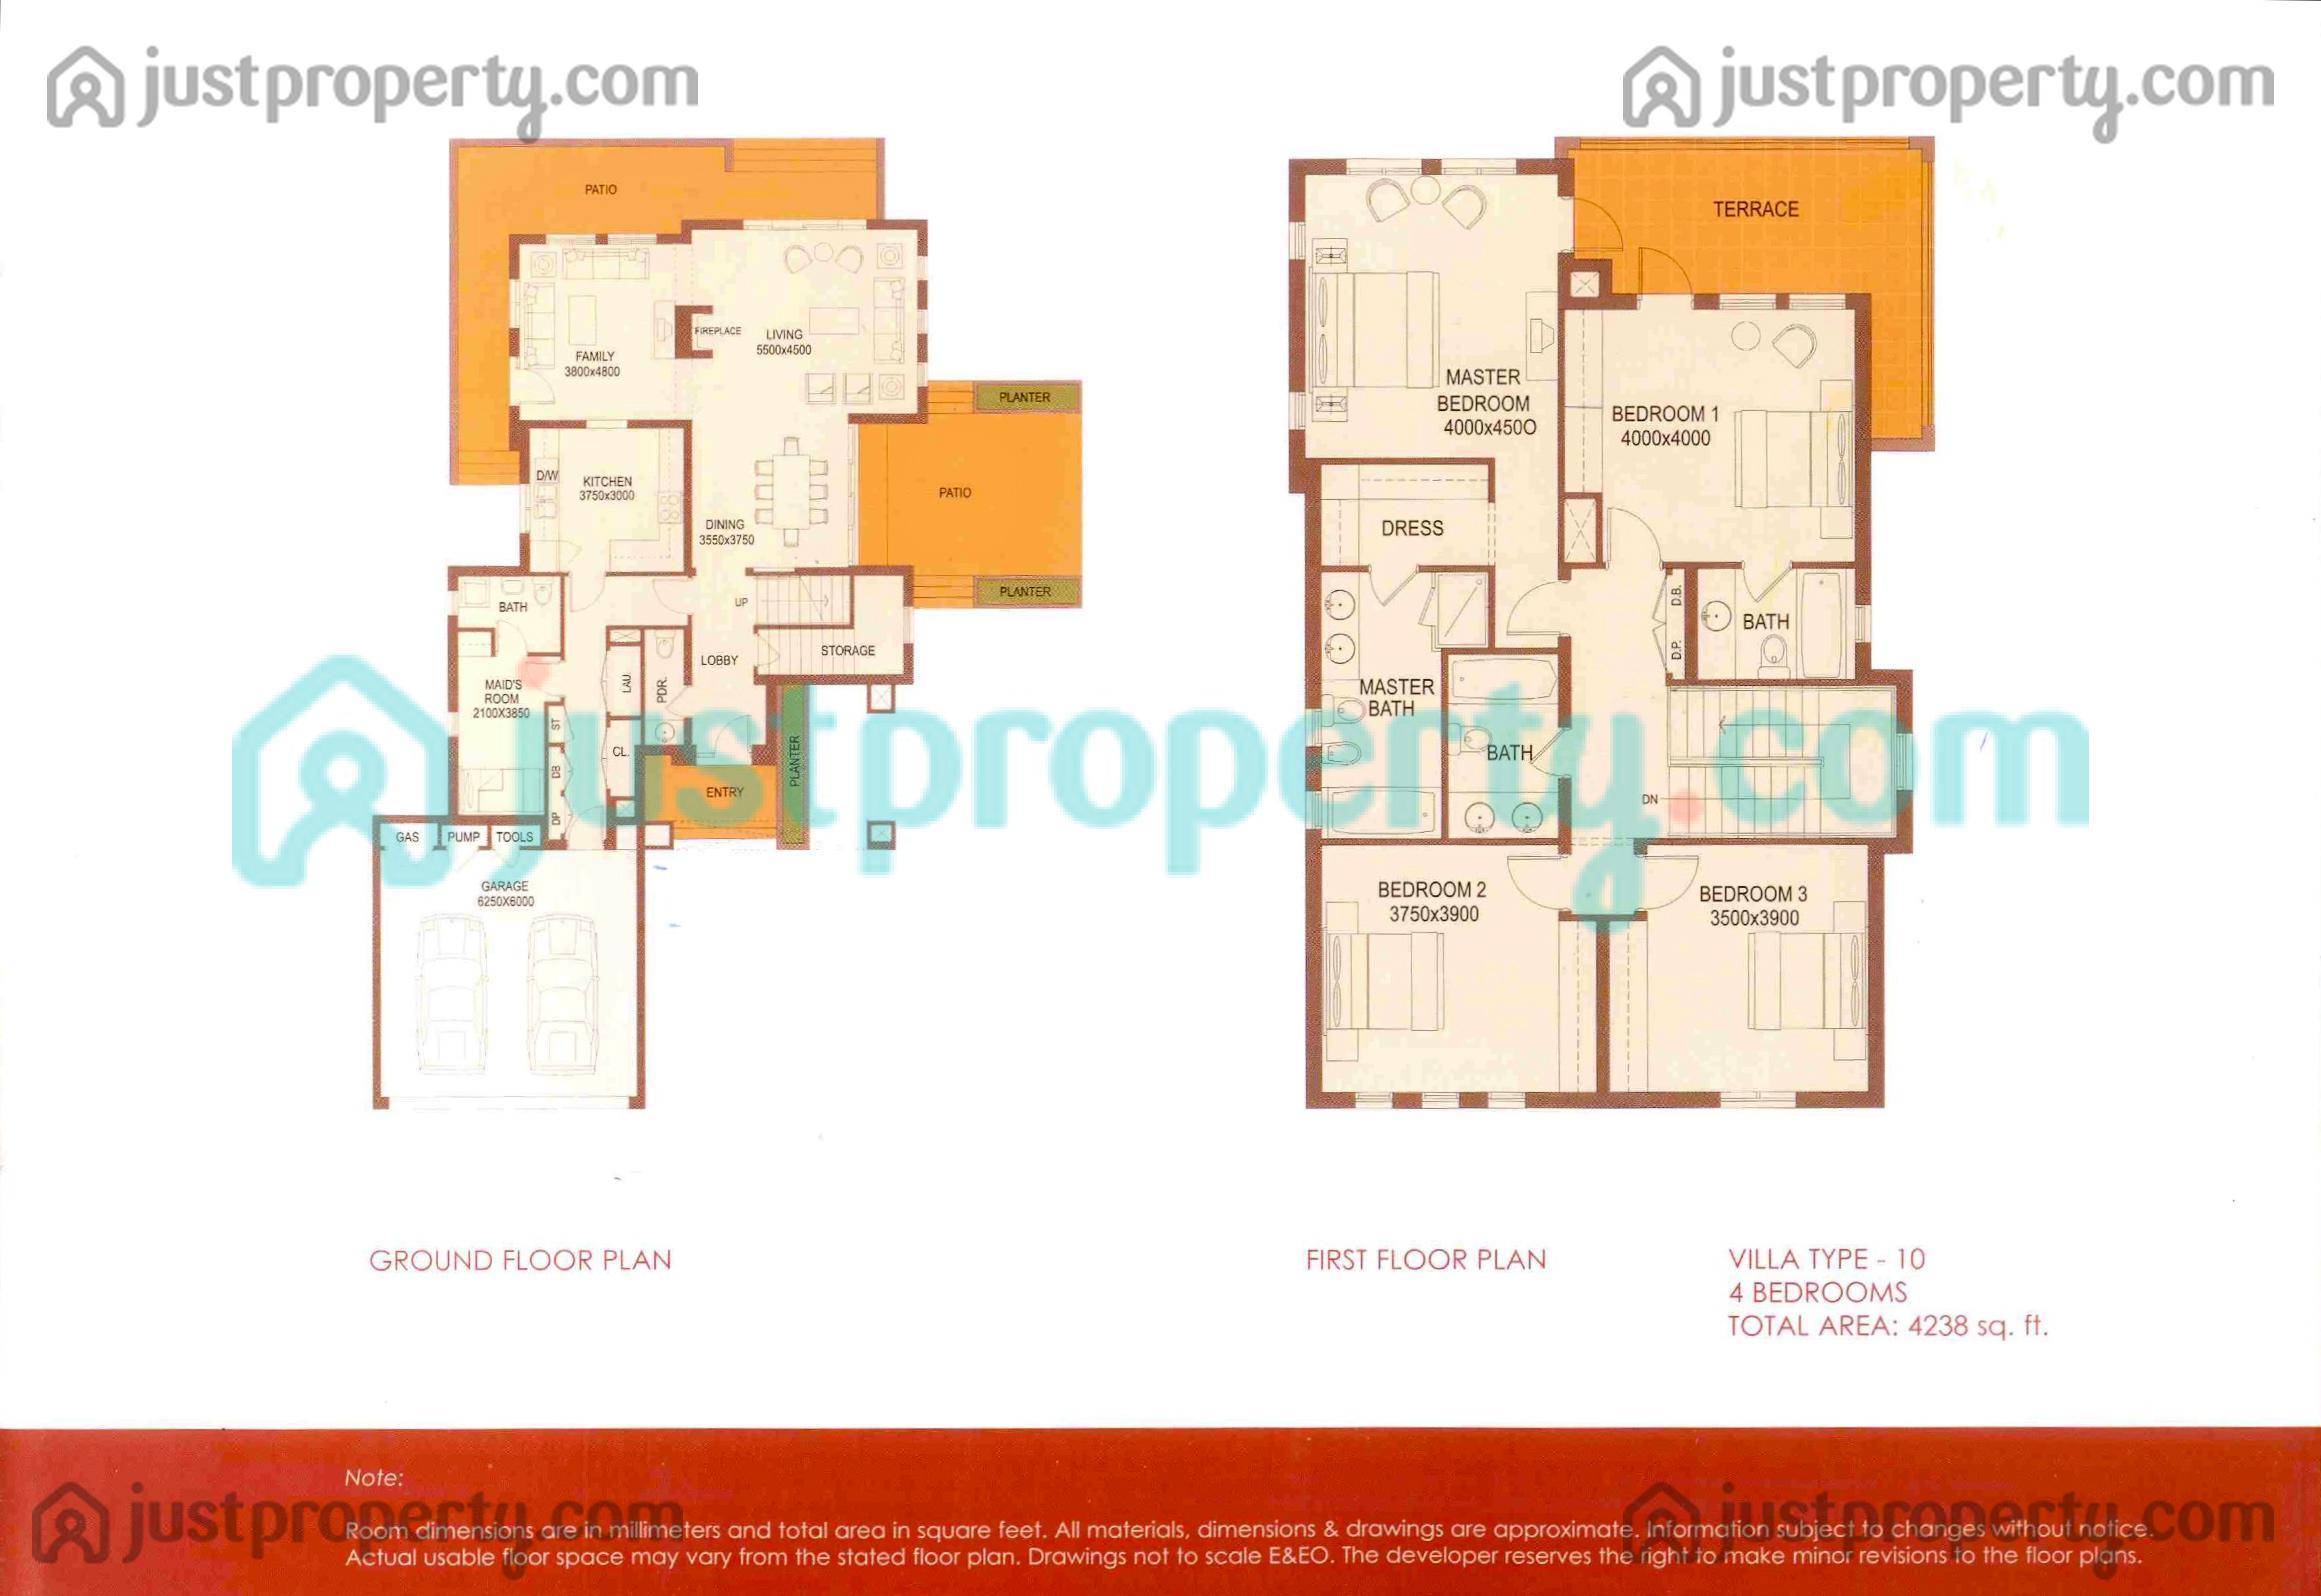 Terra Nova Floor Plans   JustProperty com